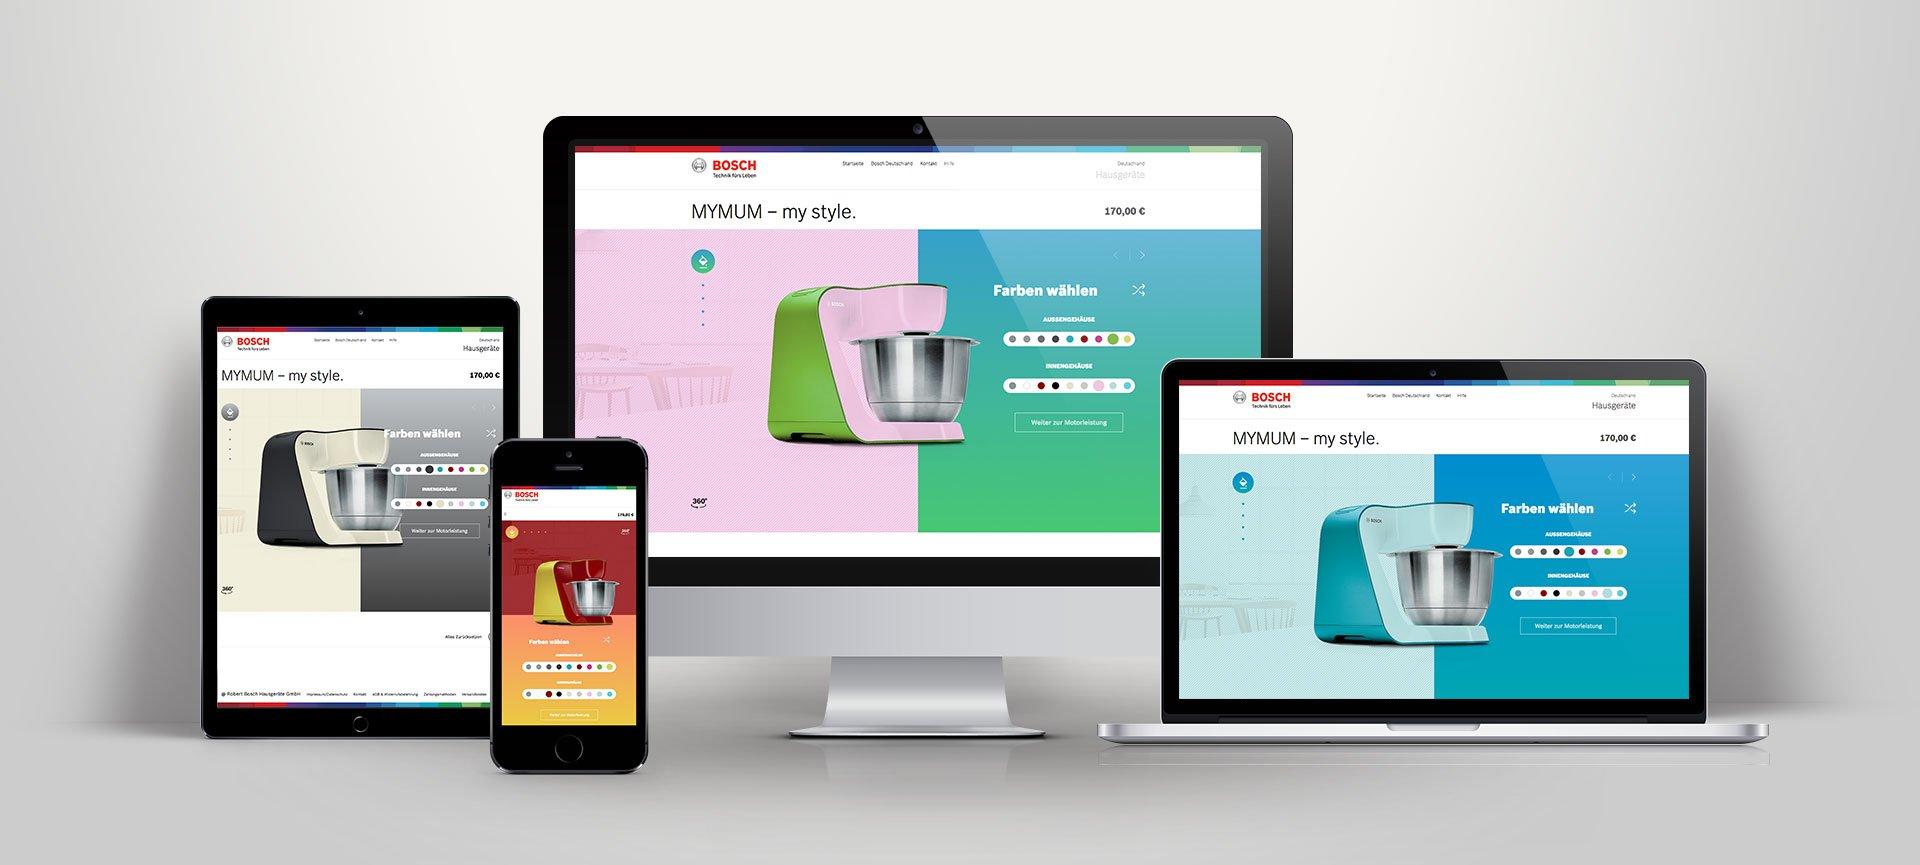 Die Münchener Agentur entwickelt einen Online-Konfigurator für die beliebte Küchenmaschine MUM 5 von Bosch Hausgeräte.